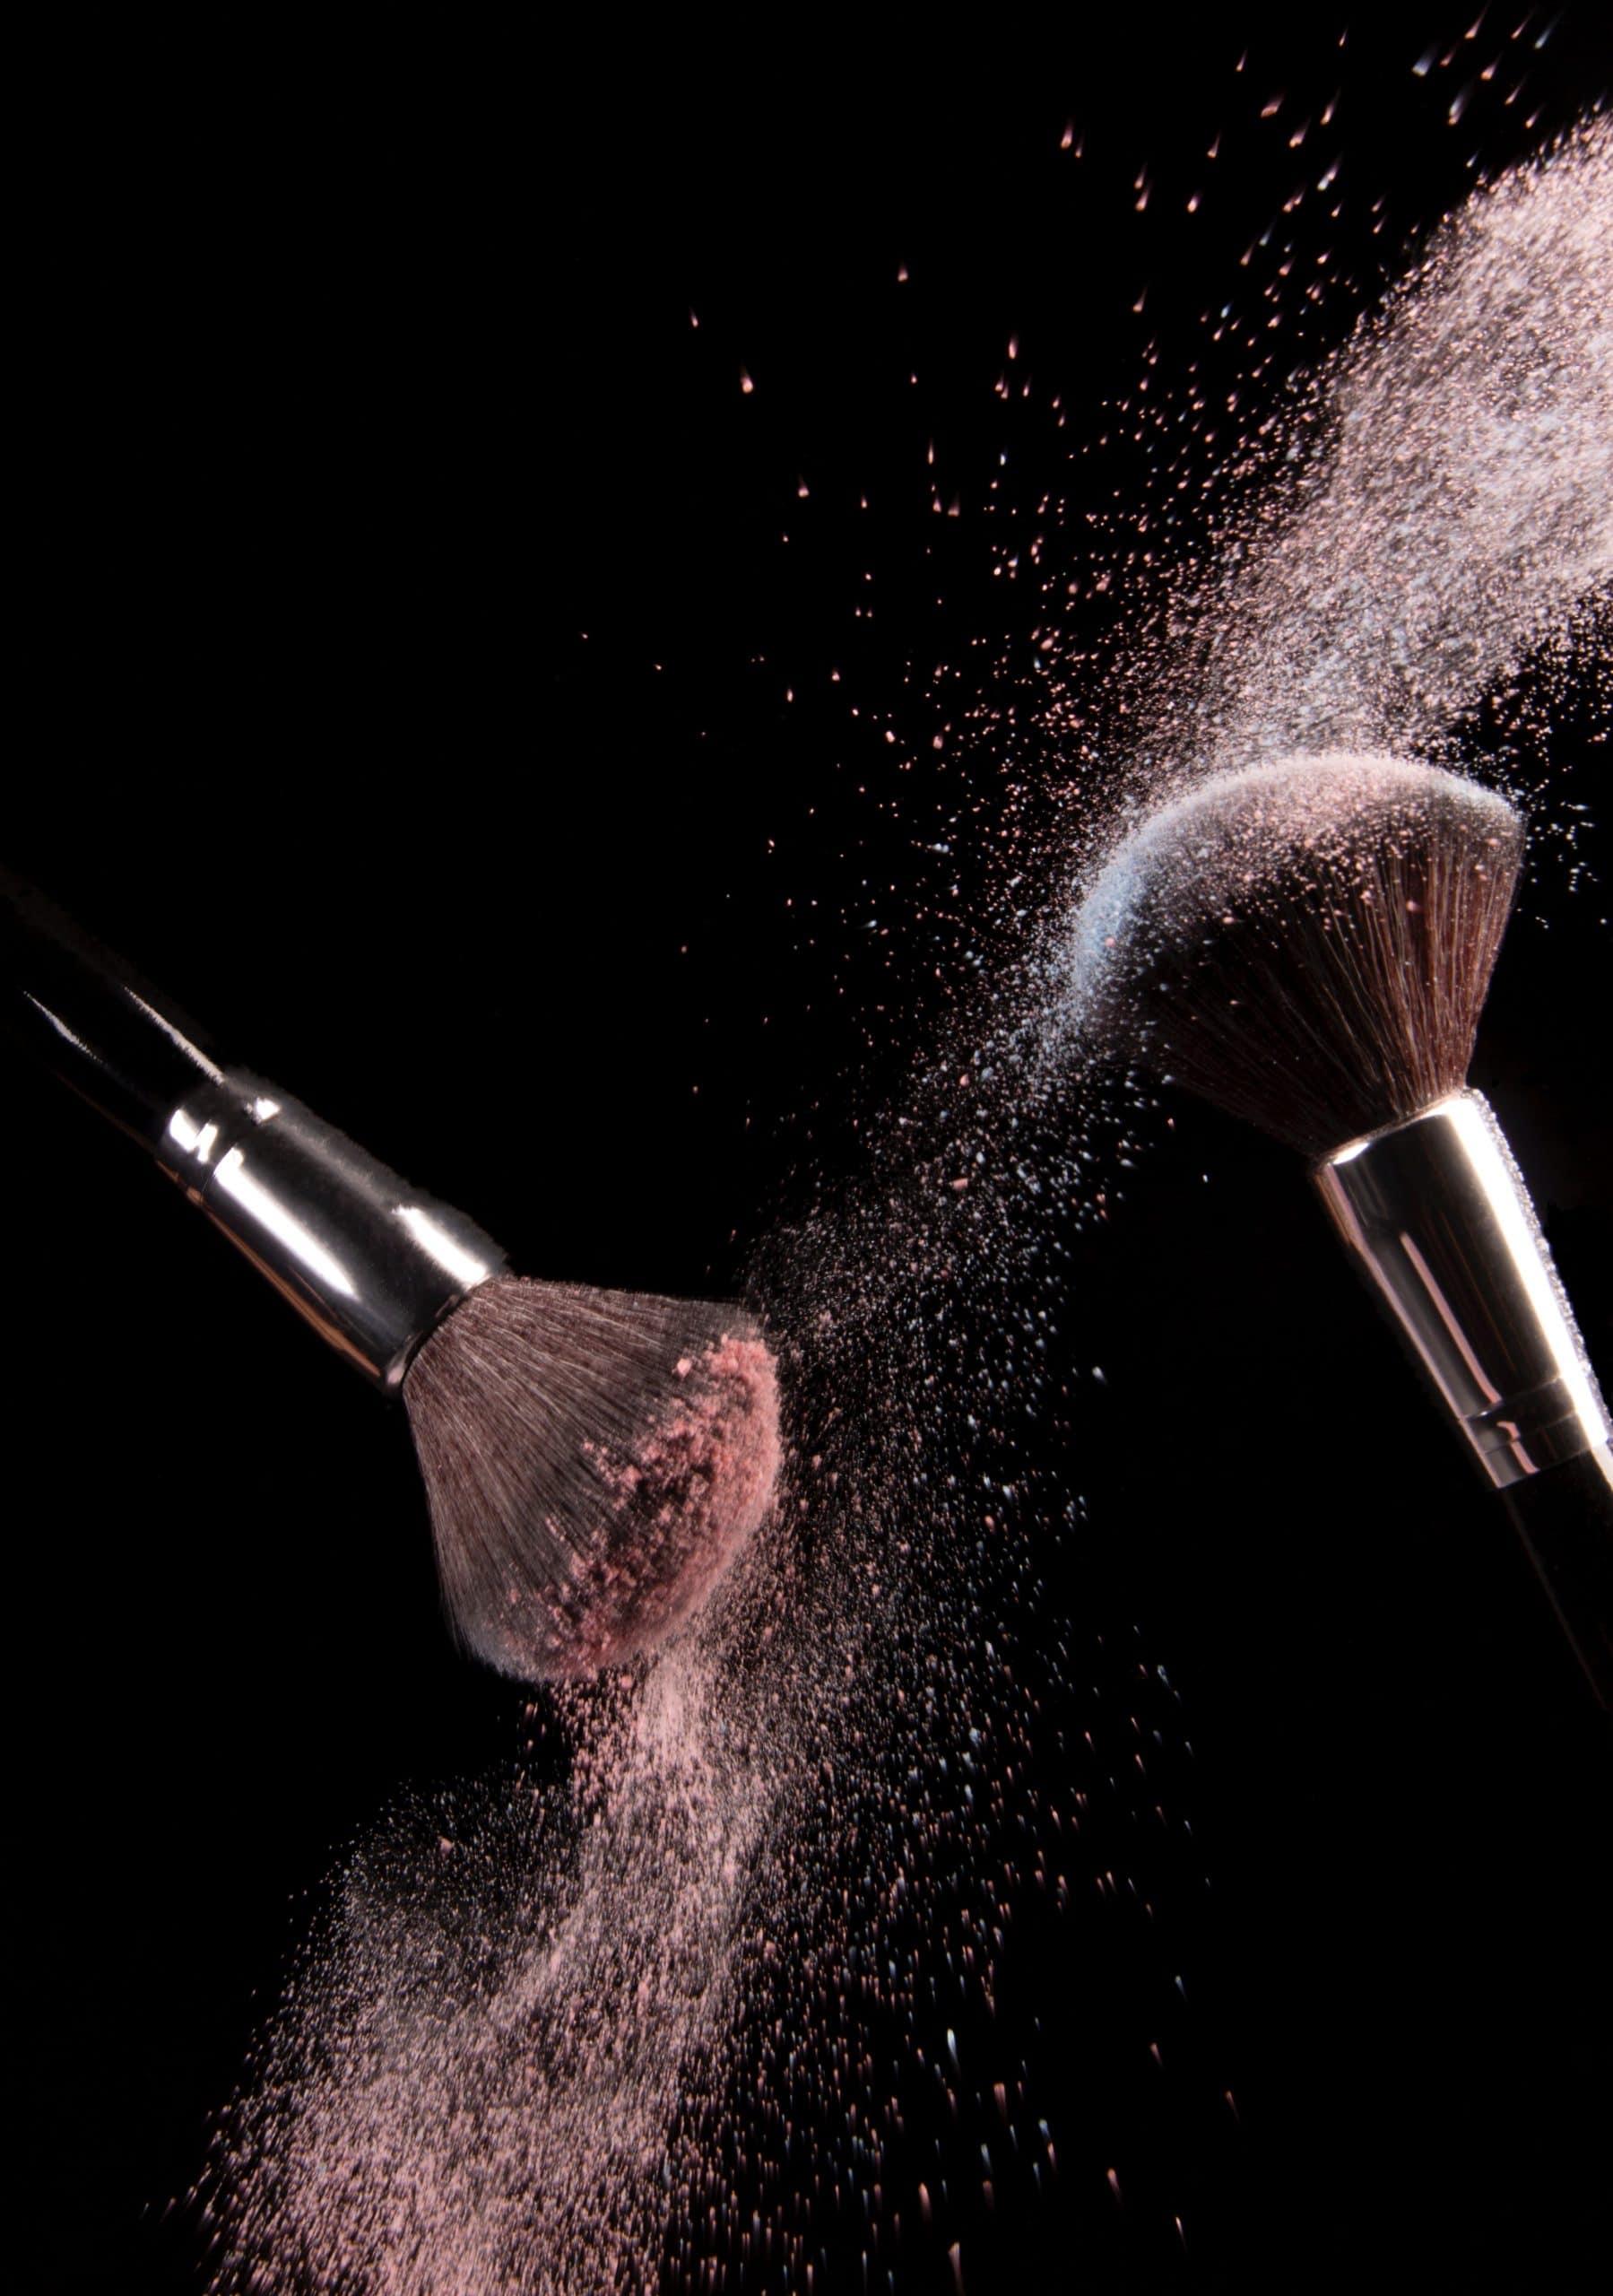 Blush Brush Makeup Powder Cosmetics